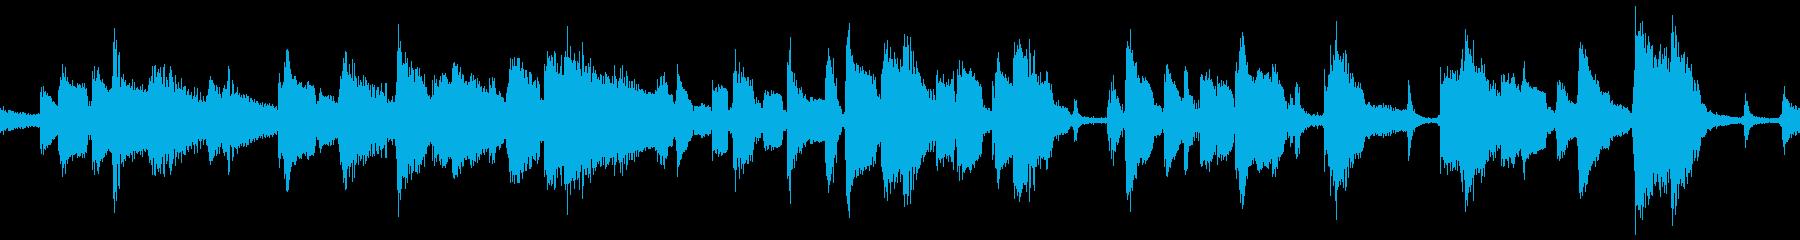 明るく落ち着きのあるギタージャズ:ループの再生済みの波形